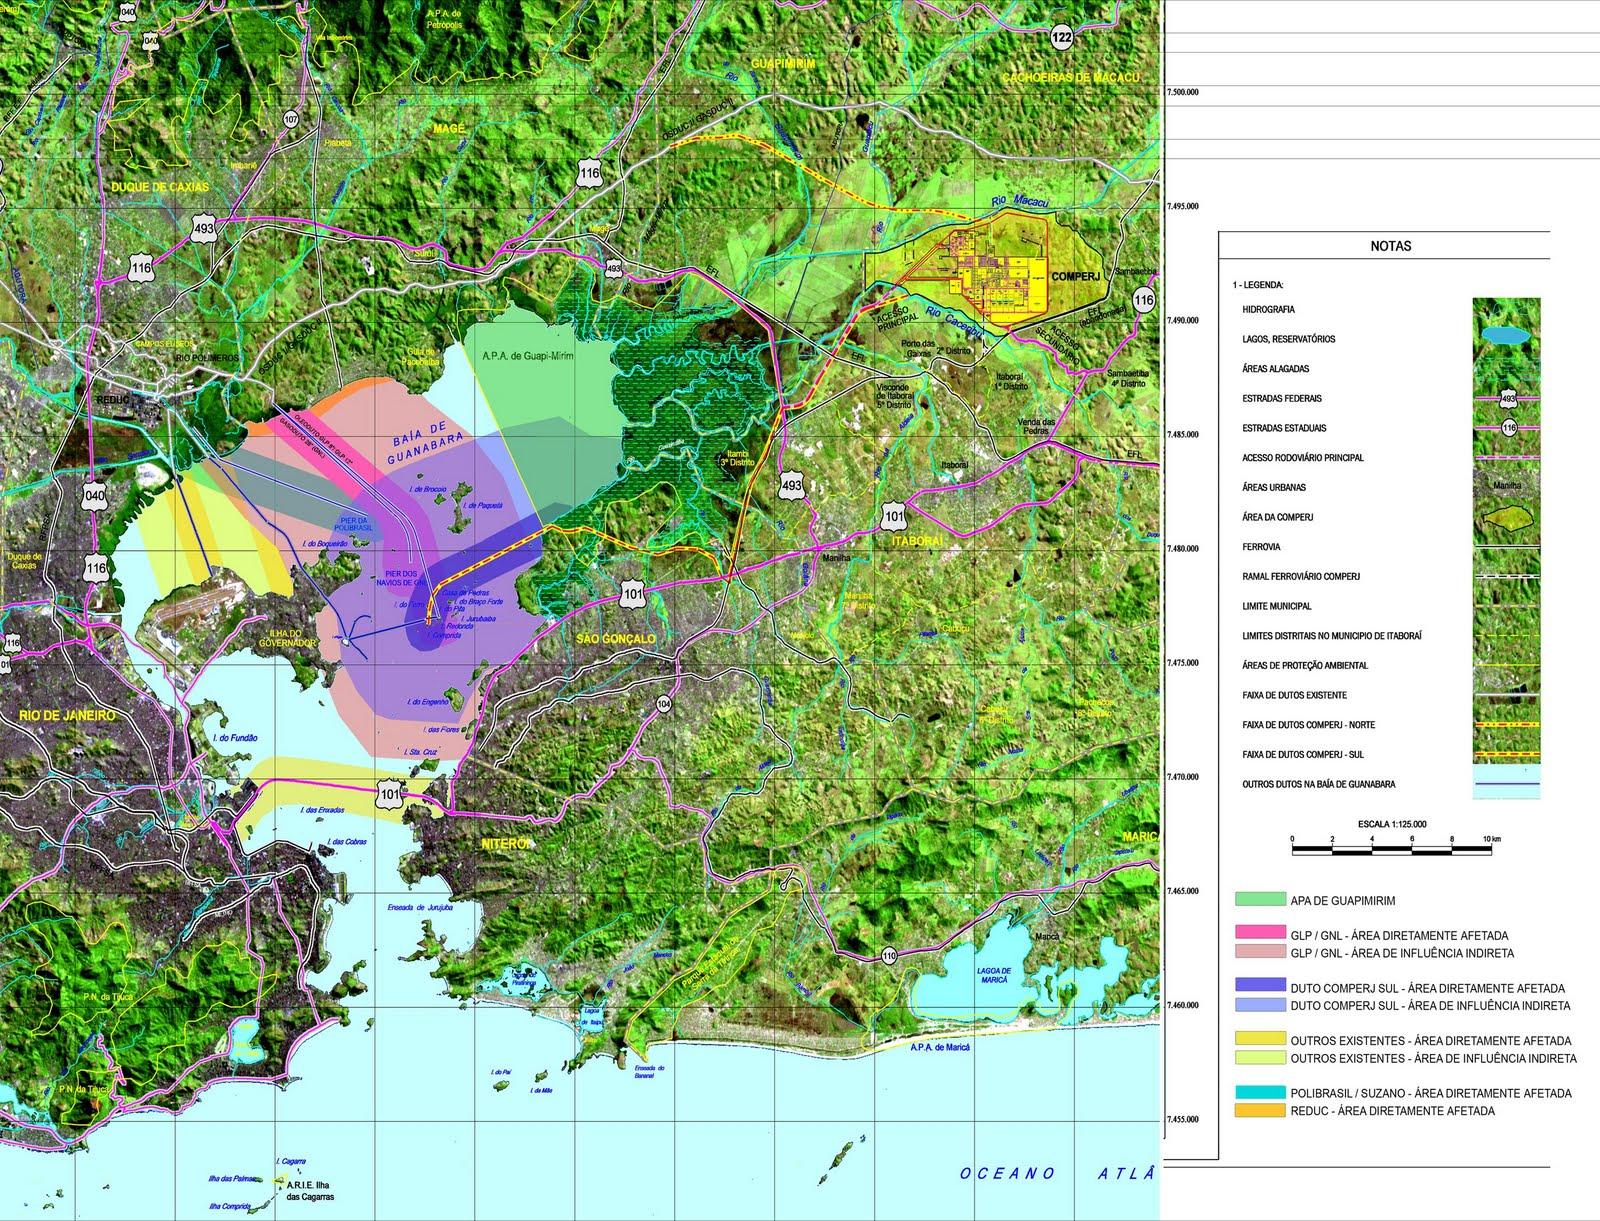 Areas Afetadas Baia de Guanabara